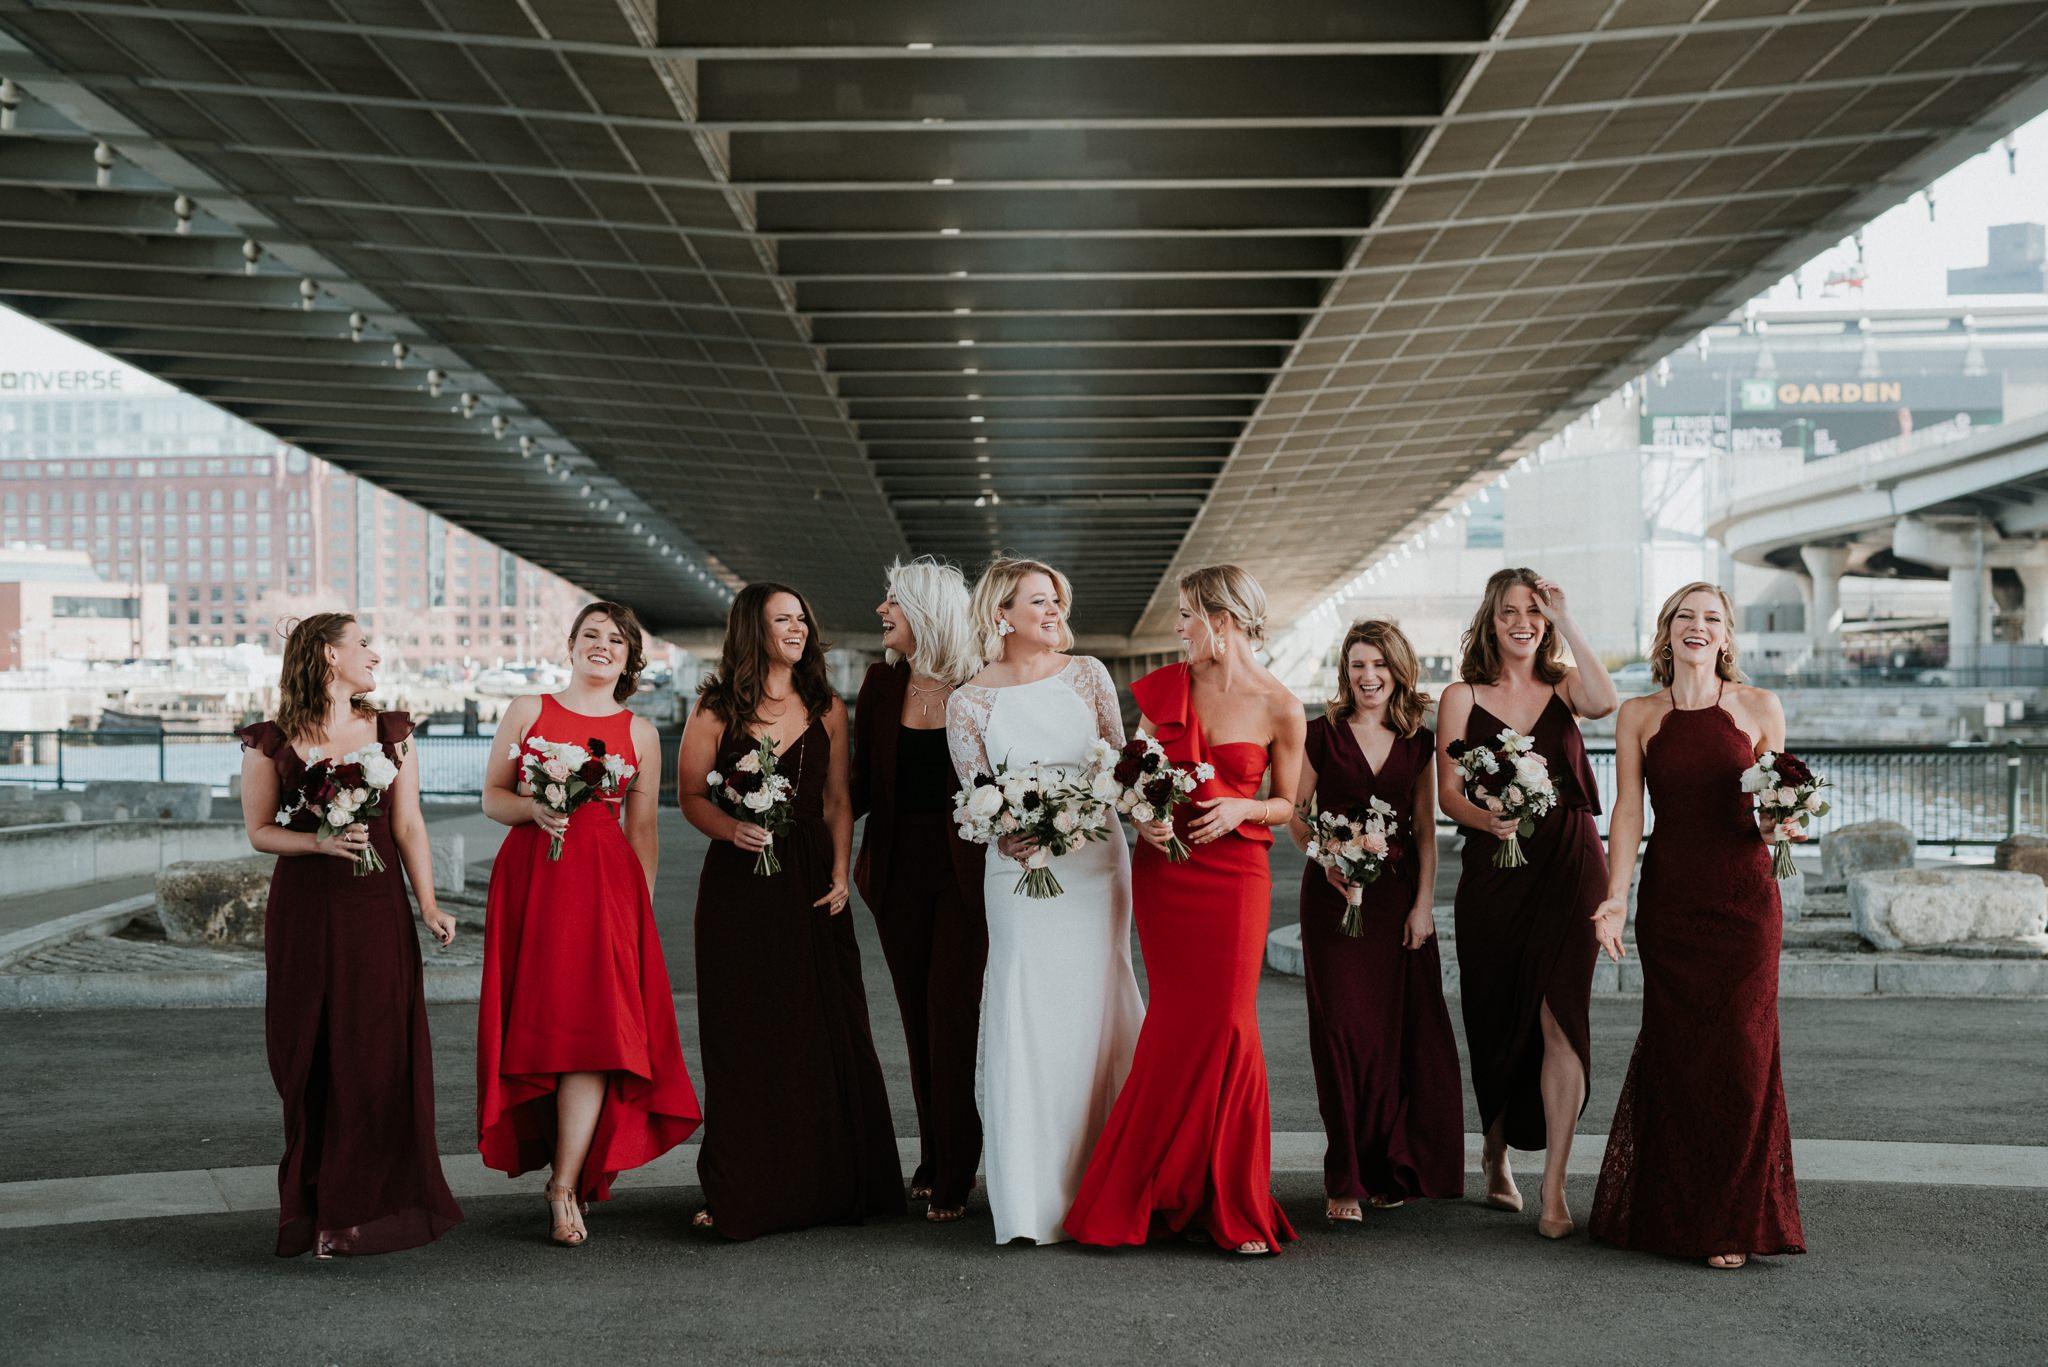 commonwealth-market-wedding-cambridge-ma_0066.jpg